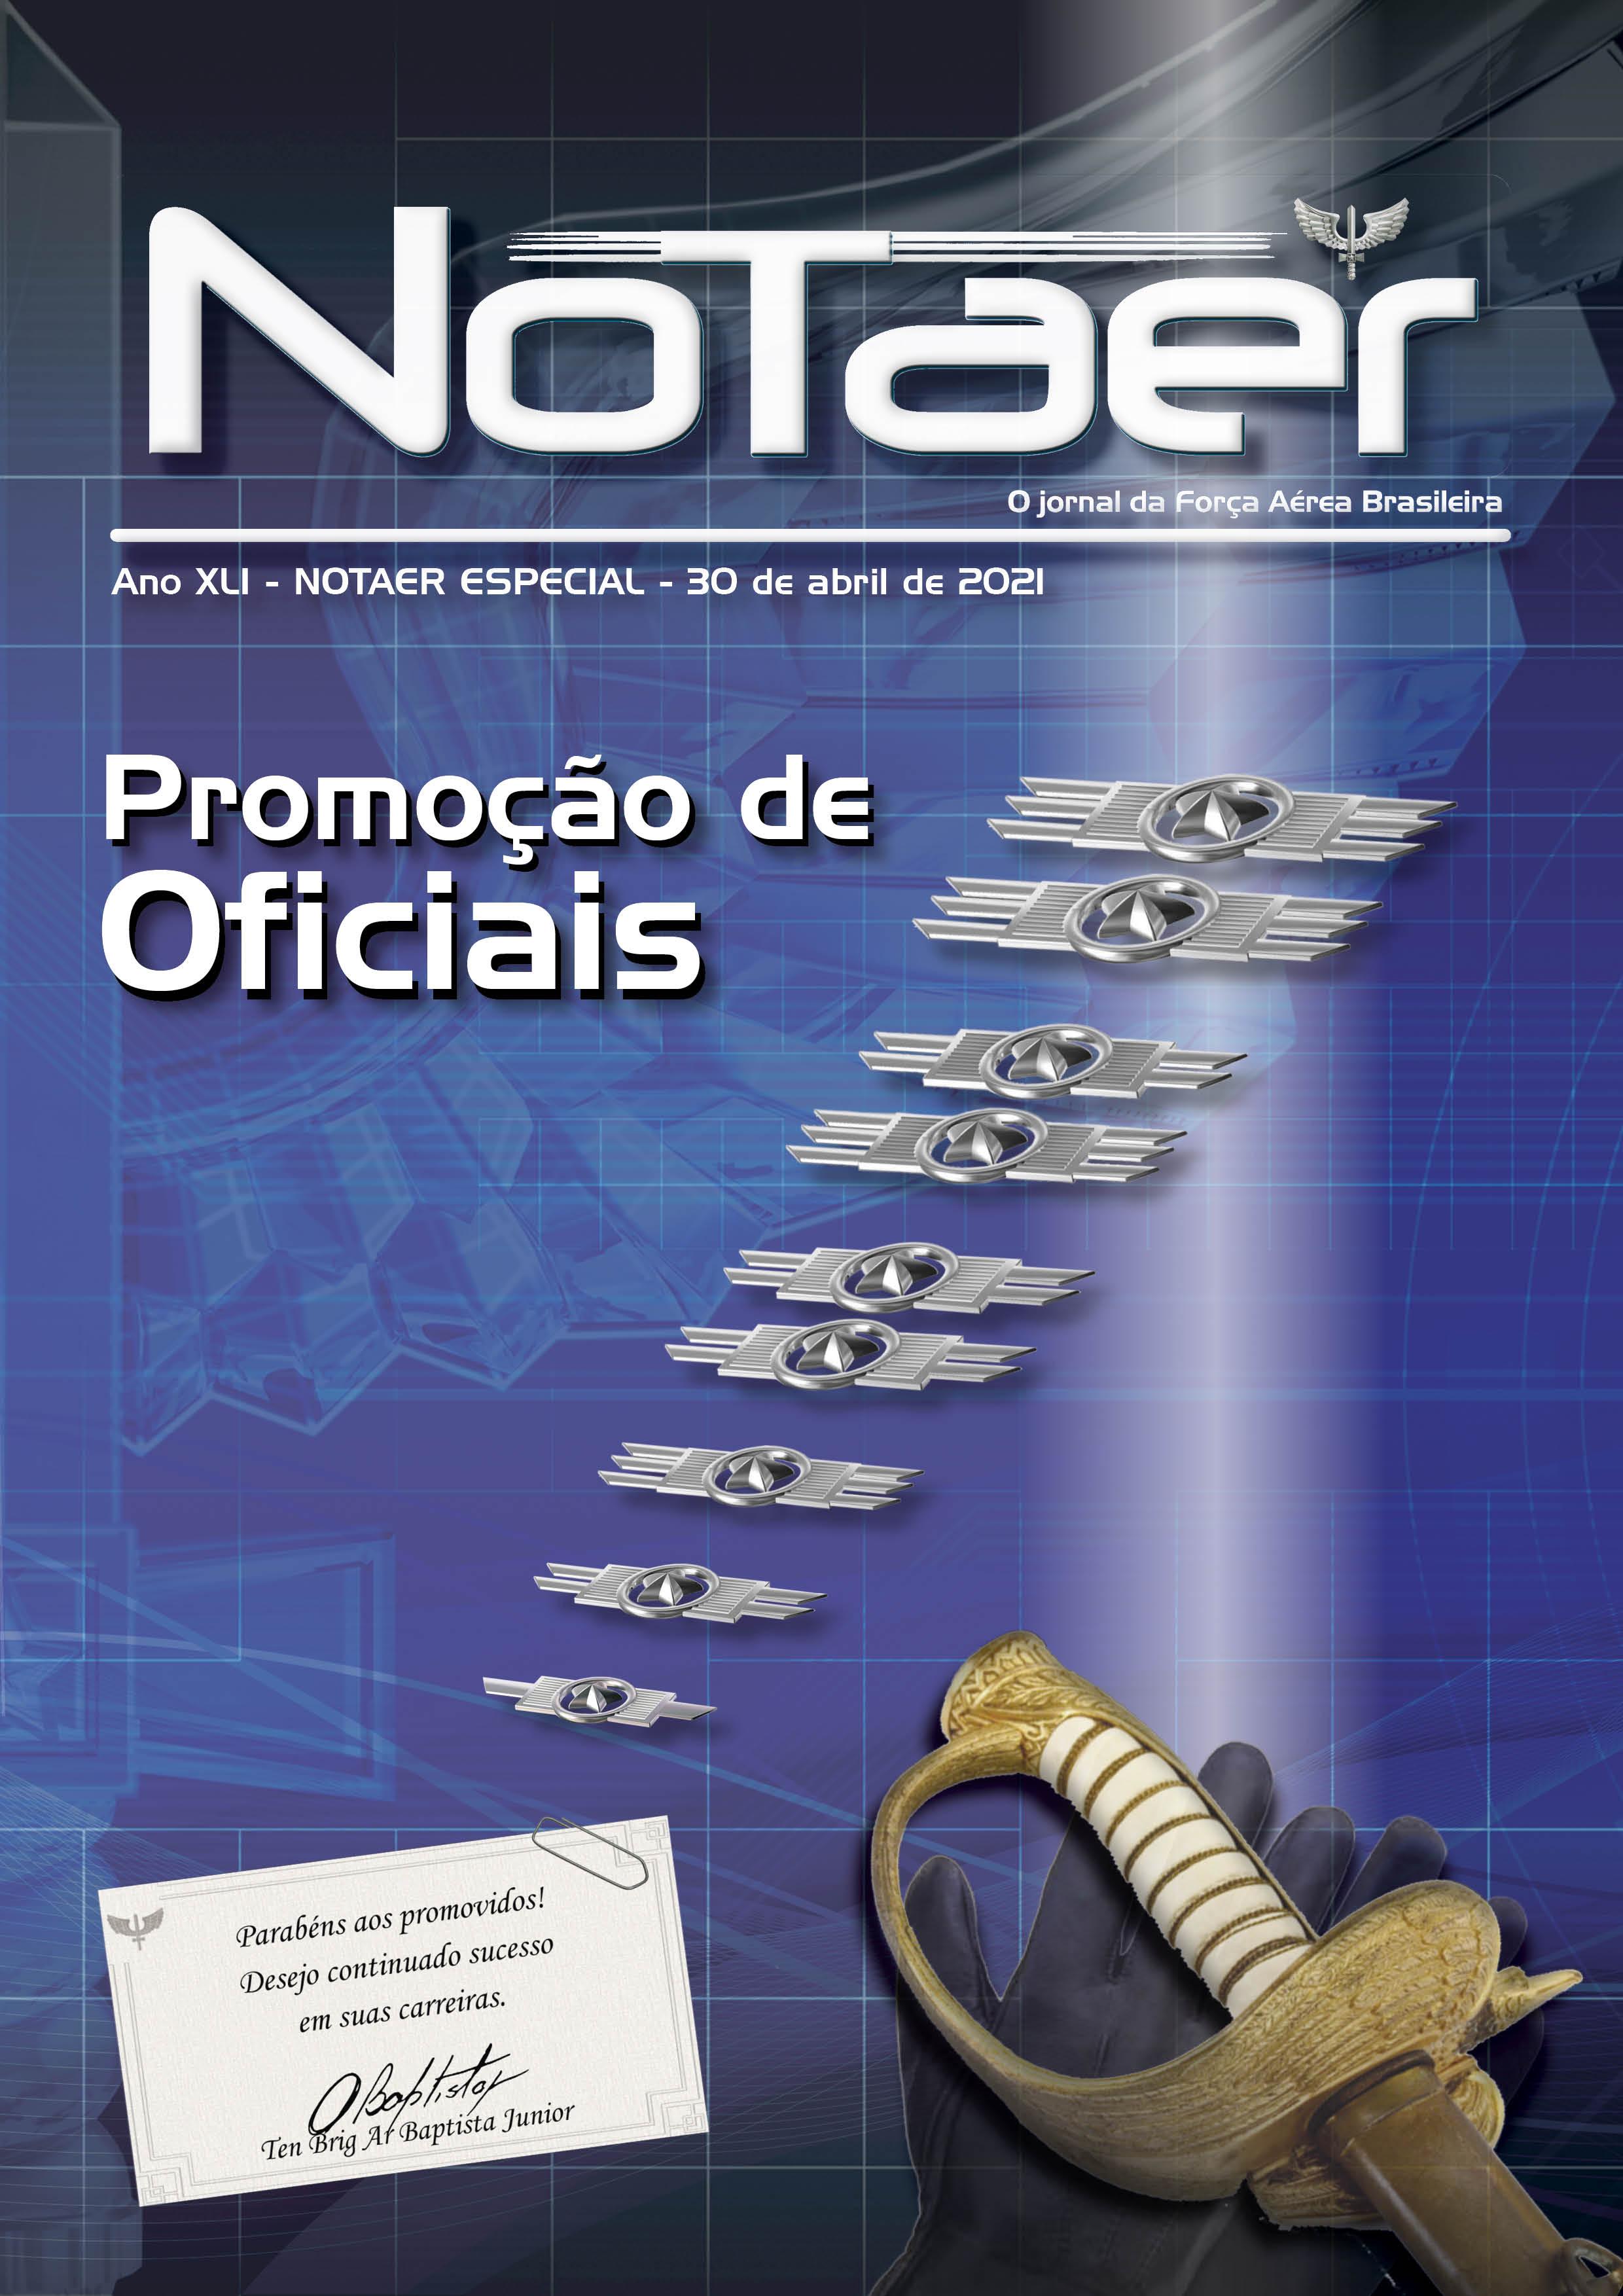 NOTAER - Especial promoção de Oficiais - 30 de abril de 2021